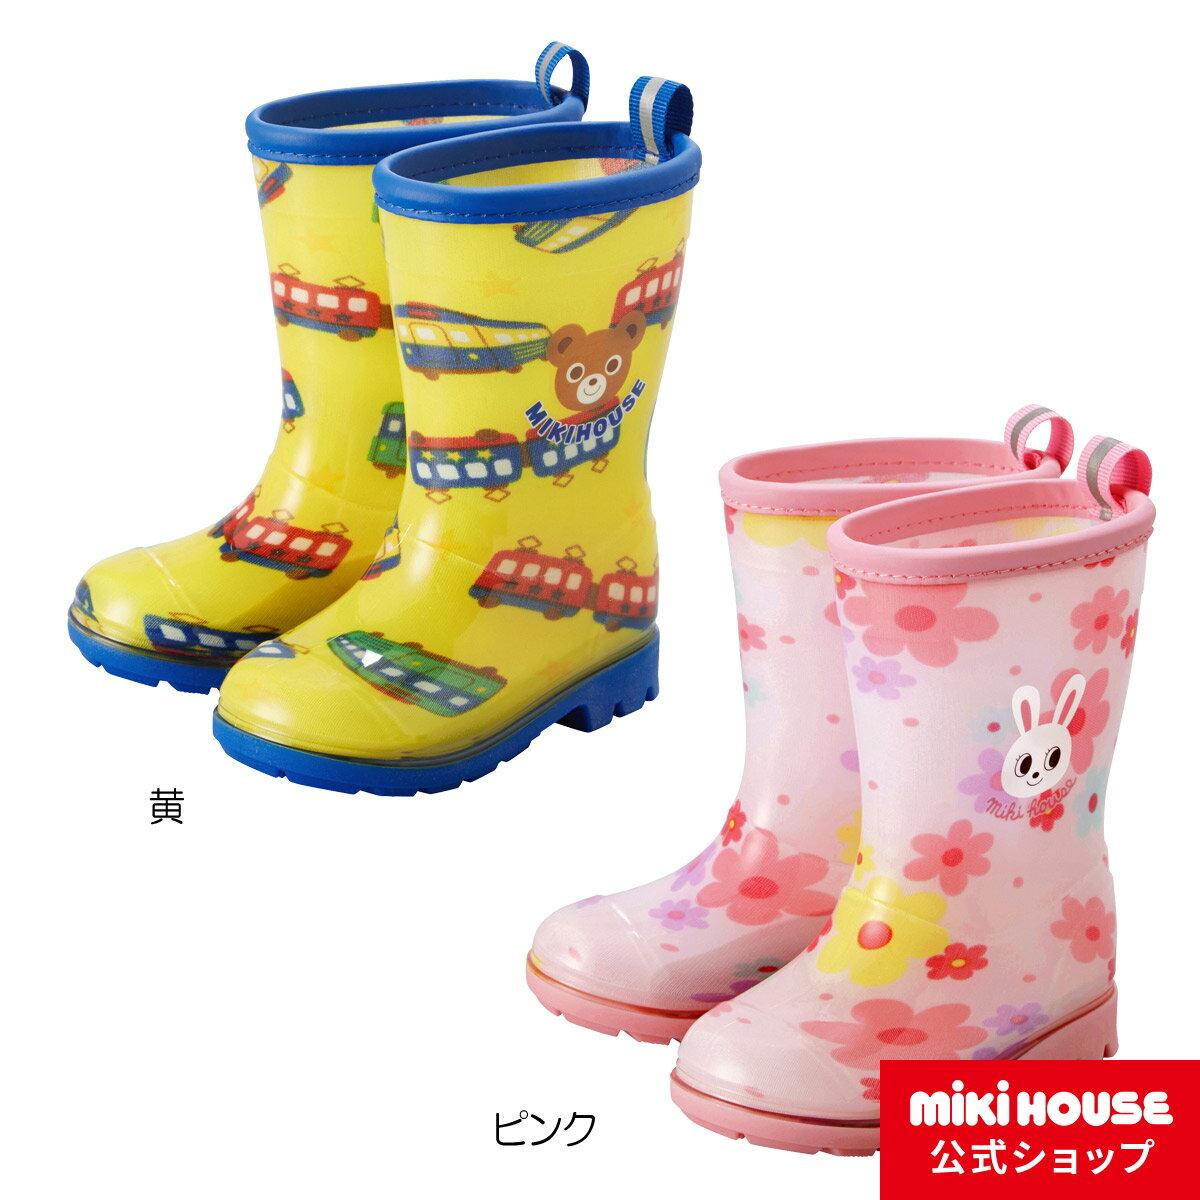 【全品10倍ポイント(9/21-9/26)】ミキハウス mikihouse プッチー&うさこ☆レインブーツ(長靴)(13cm-17cm)